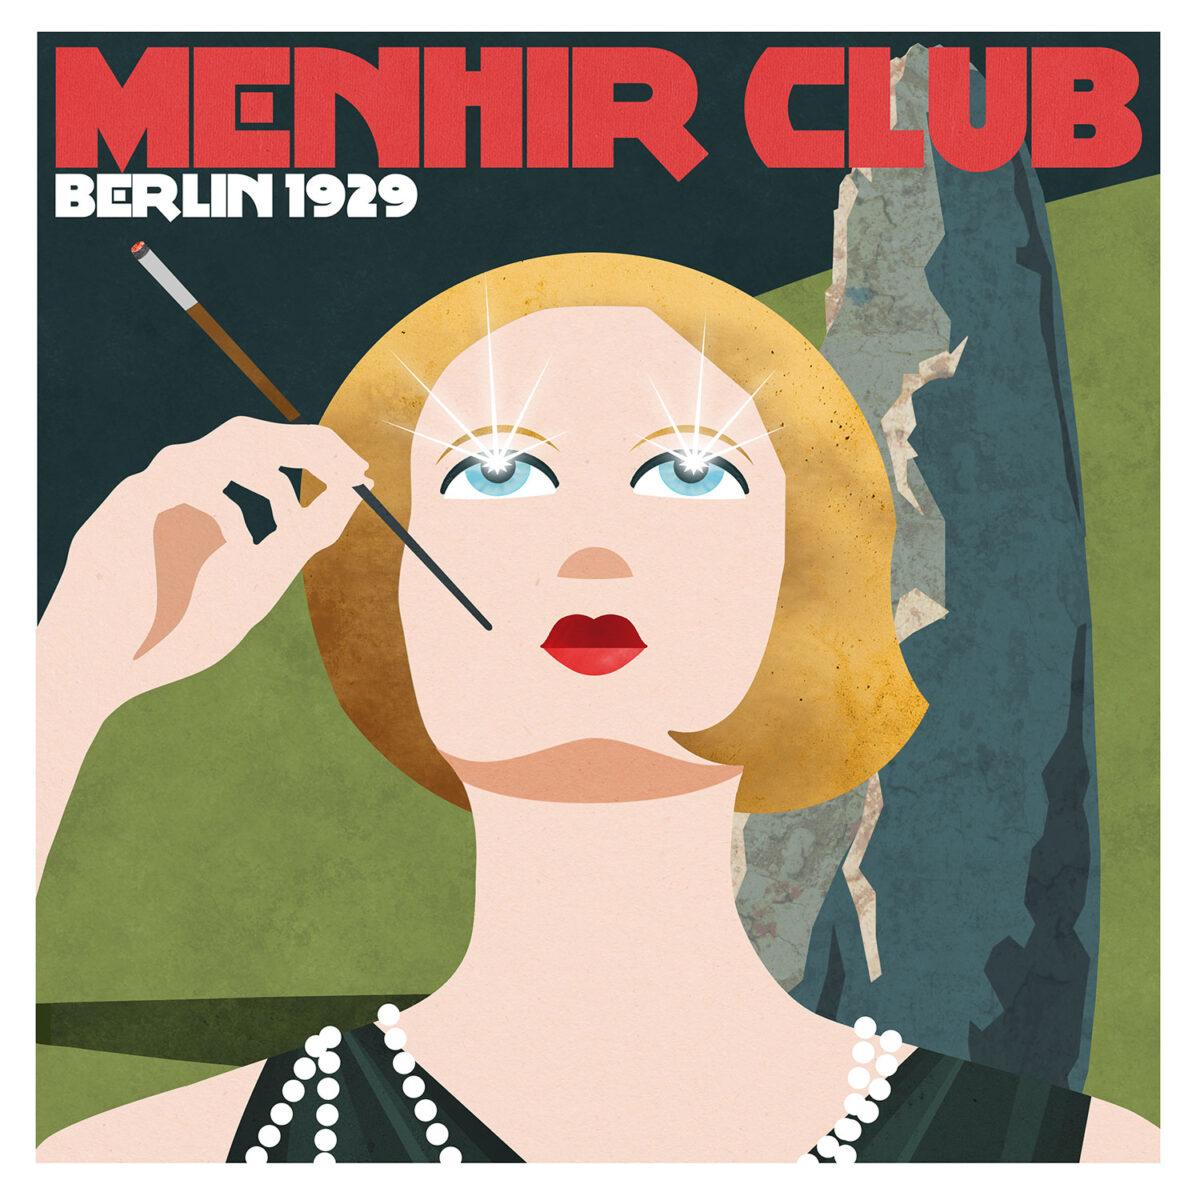 Menhir Club